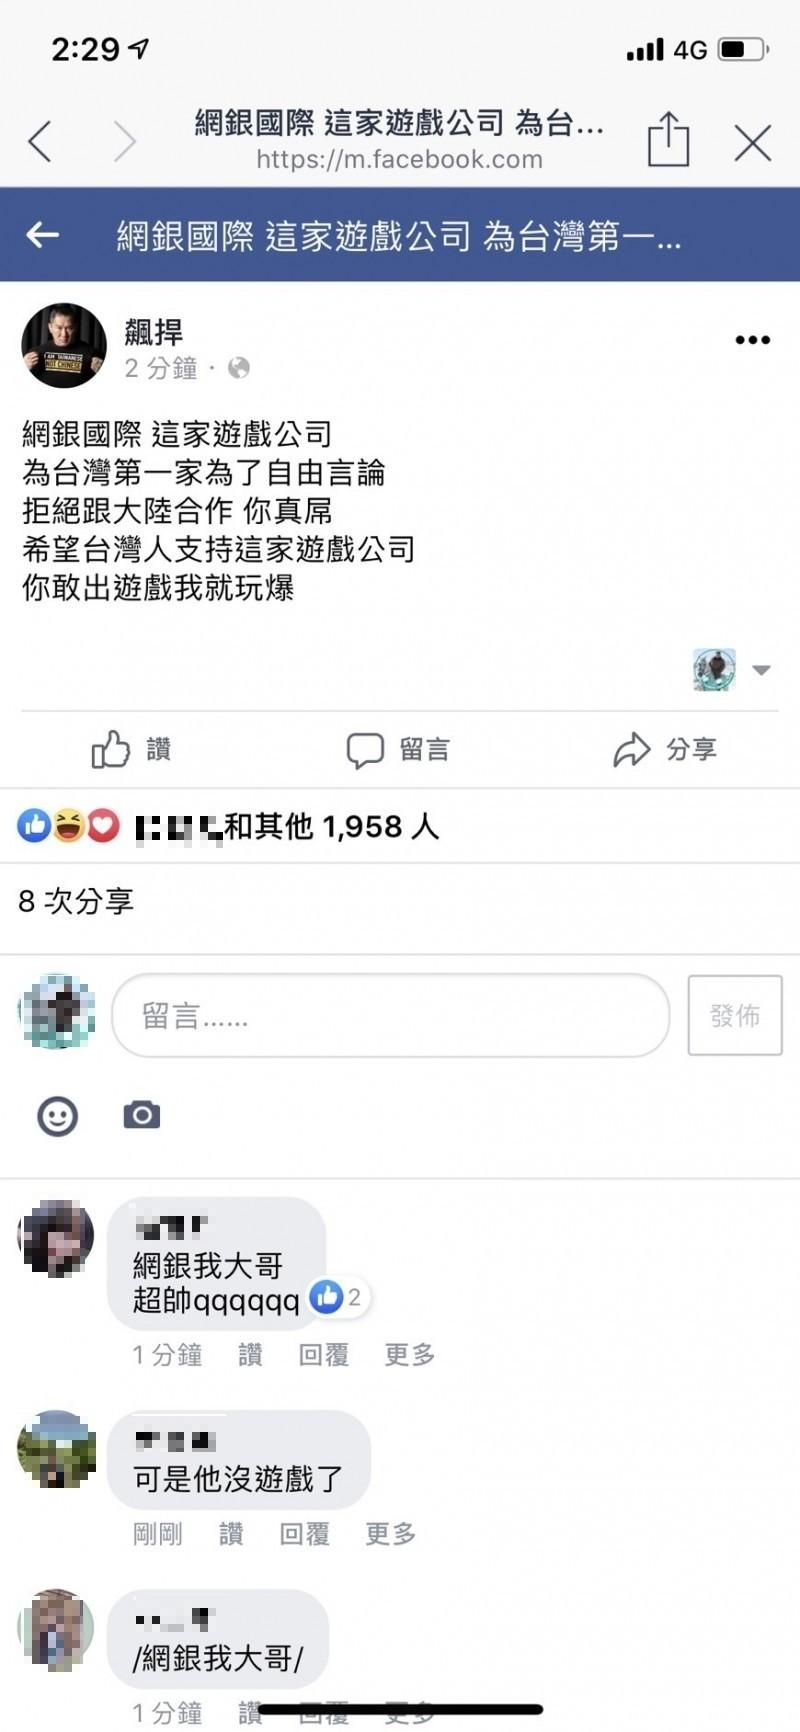 「館長」在臉書發文挺台中在地企業網銀國際捍衛言論自由。(圖擷取自臉書)